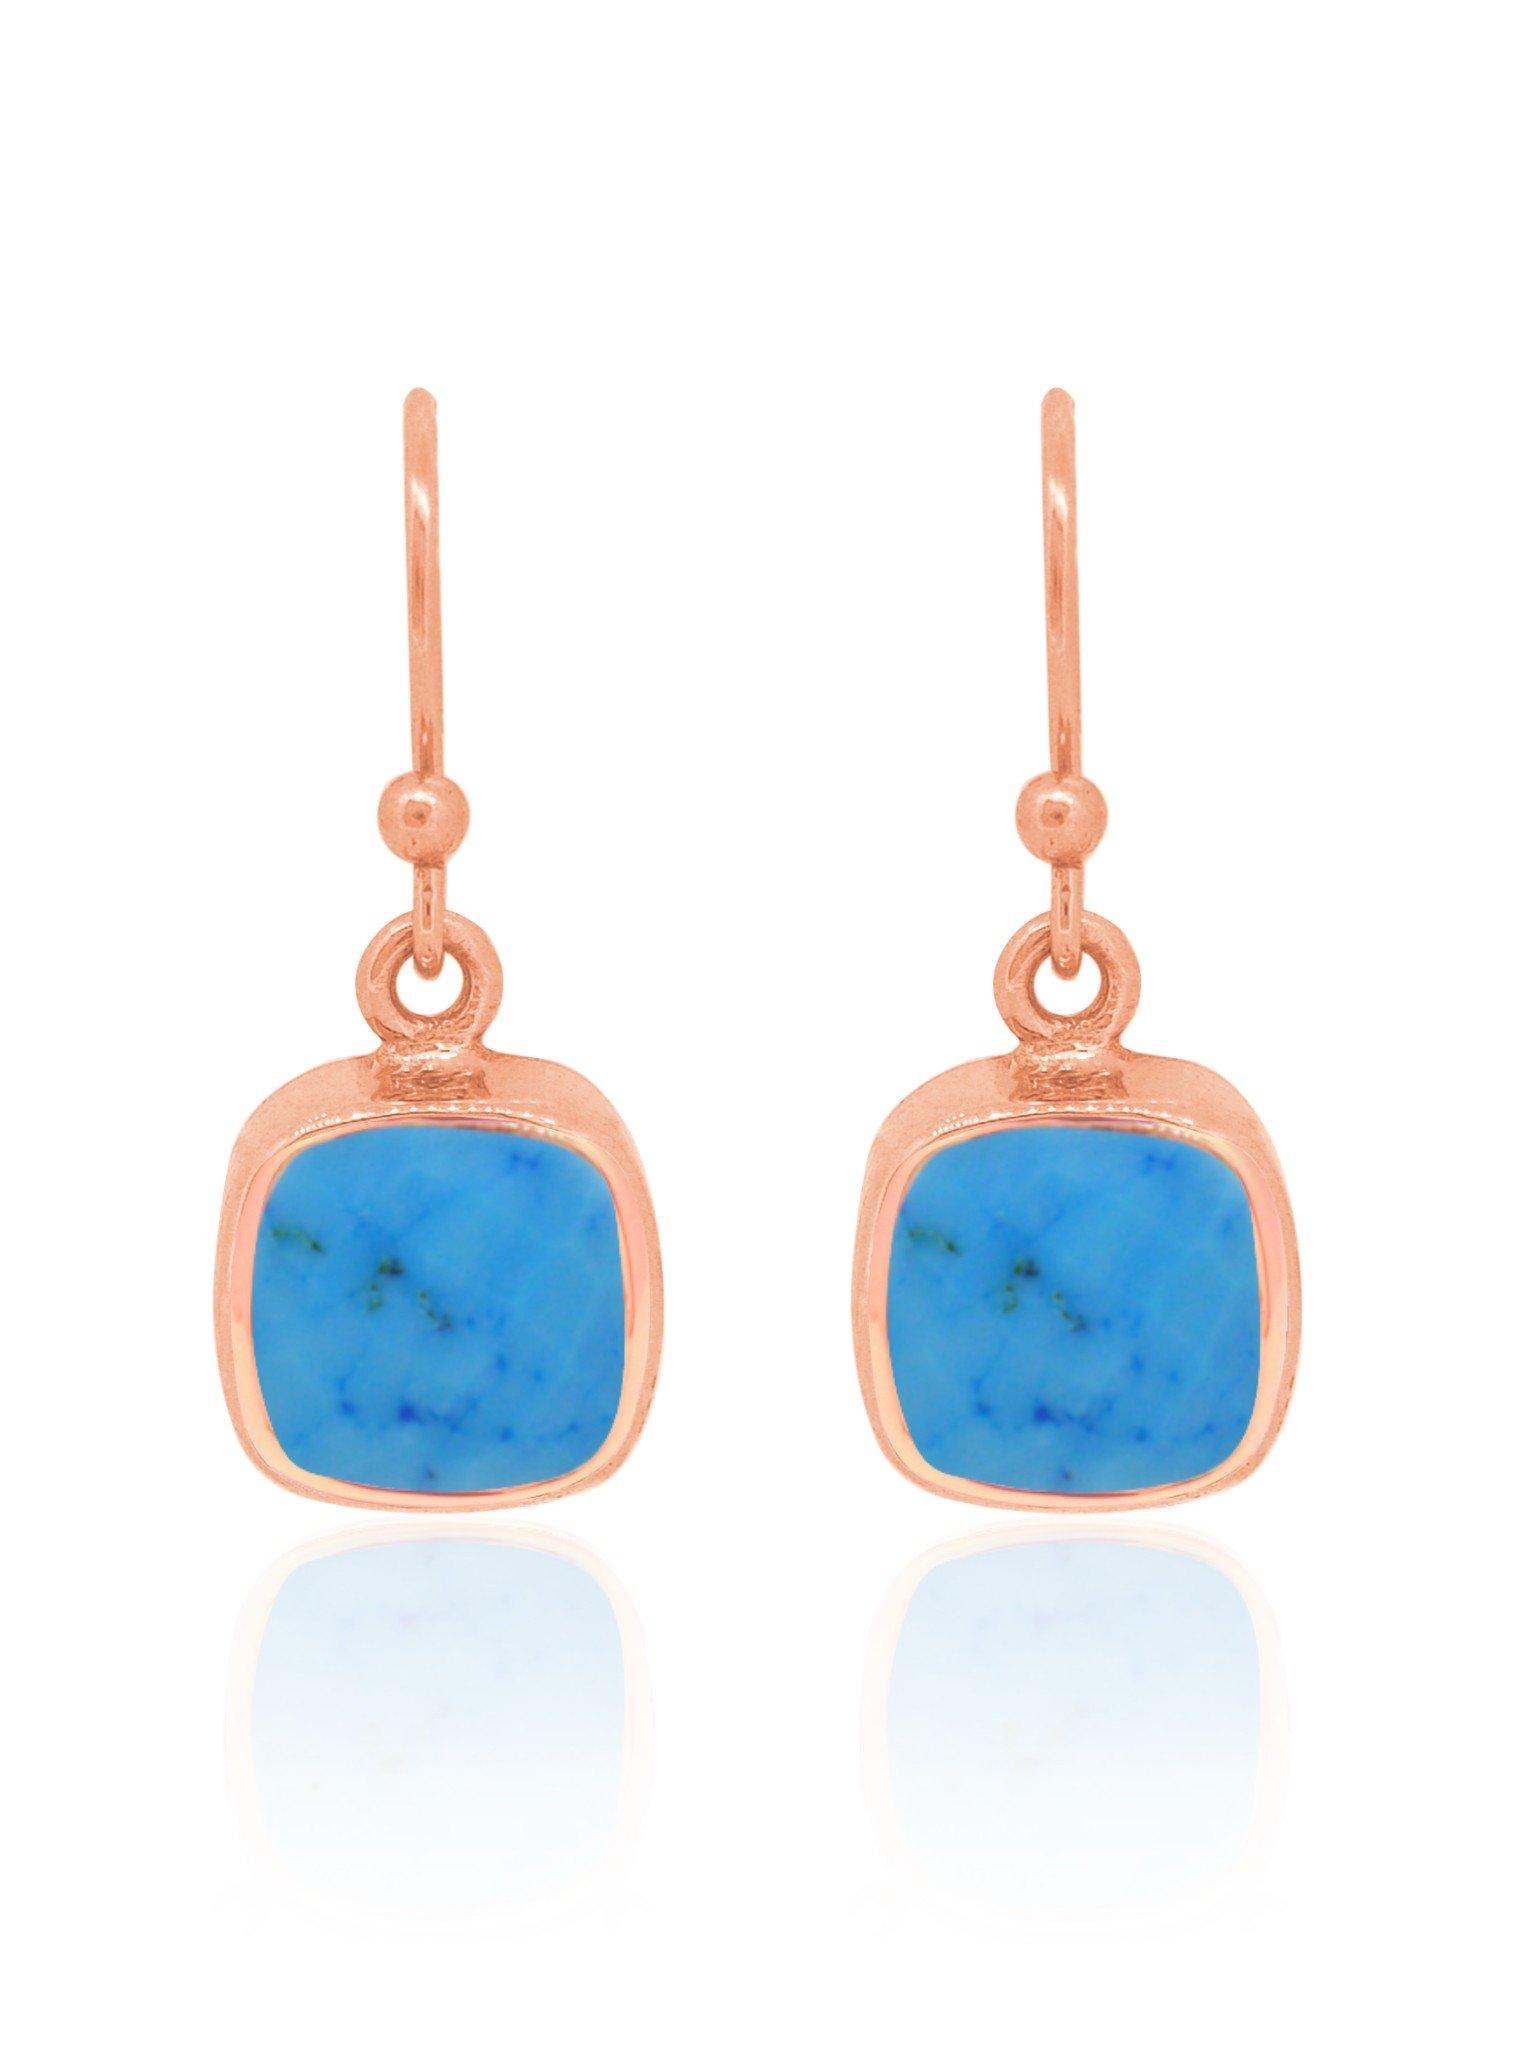 Indie Sleeping Beauty Turquoise Gemstone Earrings Rose Gold